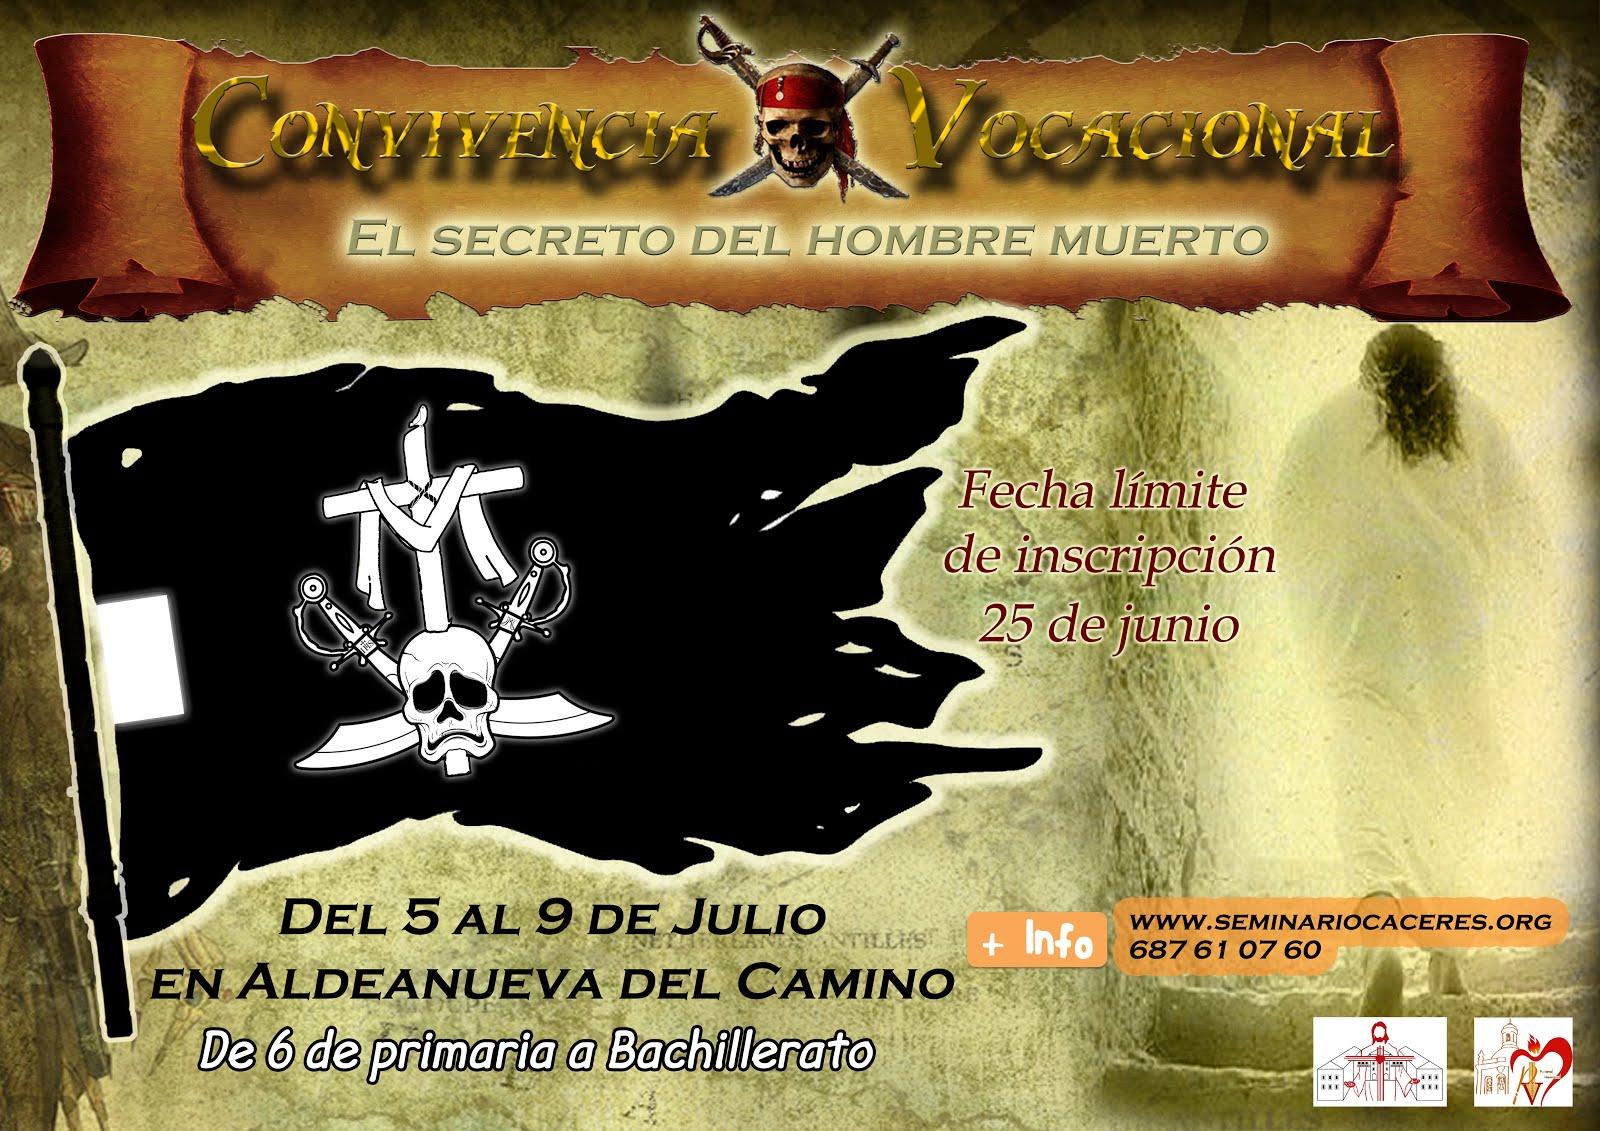 CONVIVENCIA VOCACIONAL DE VERANO